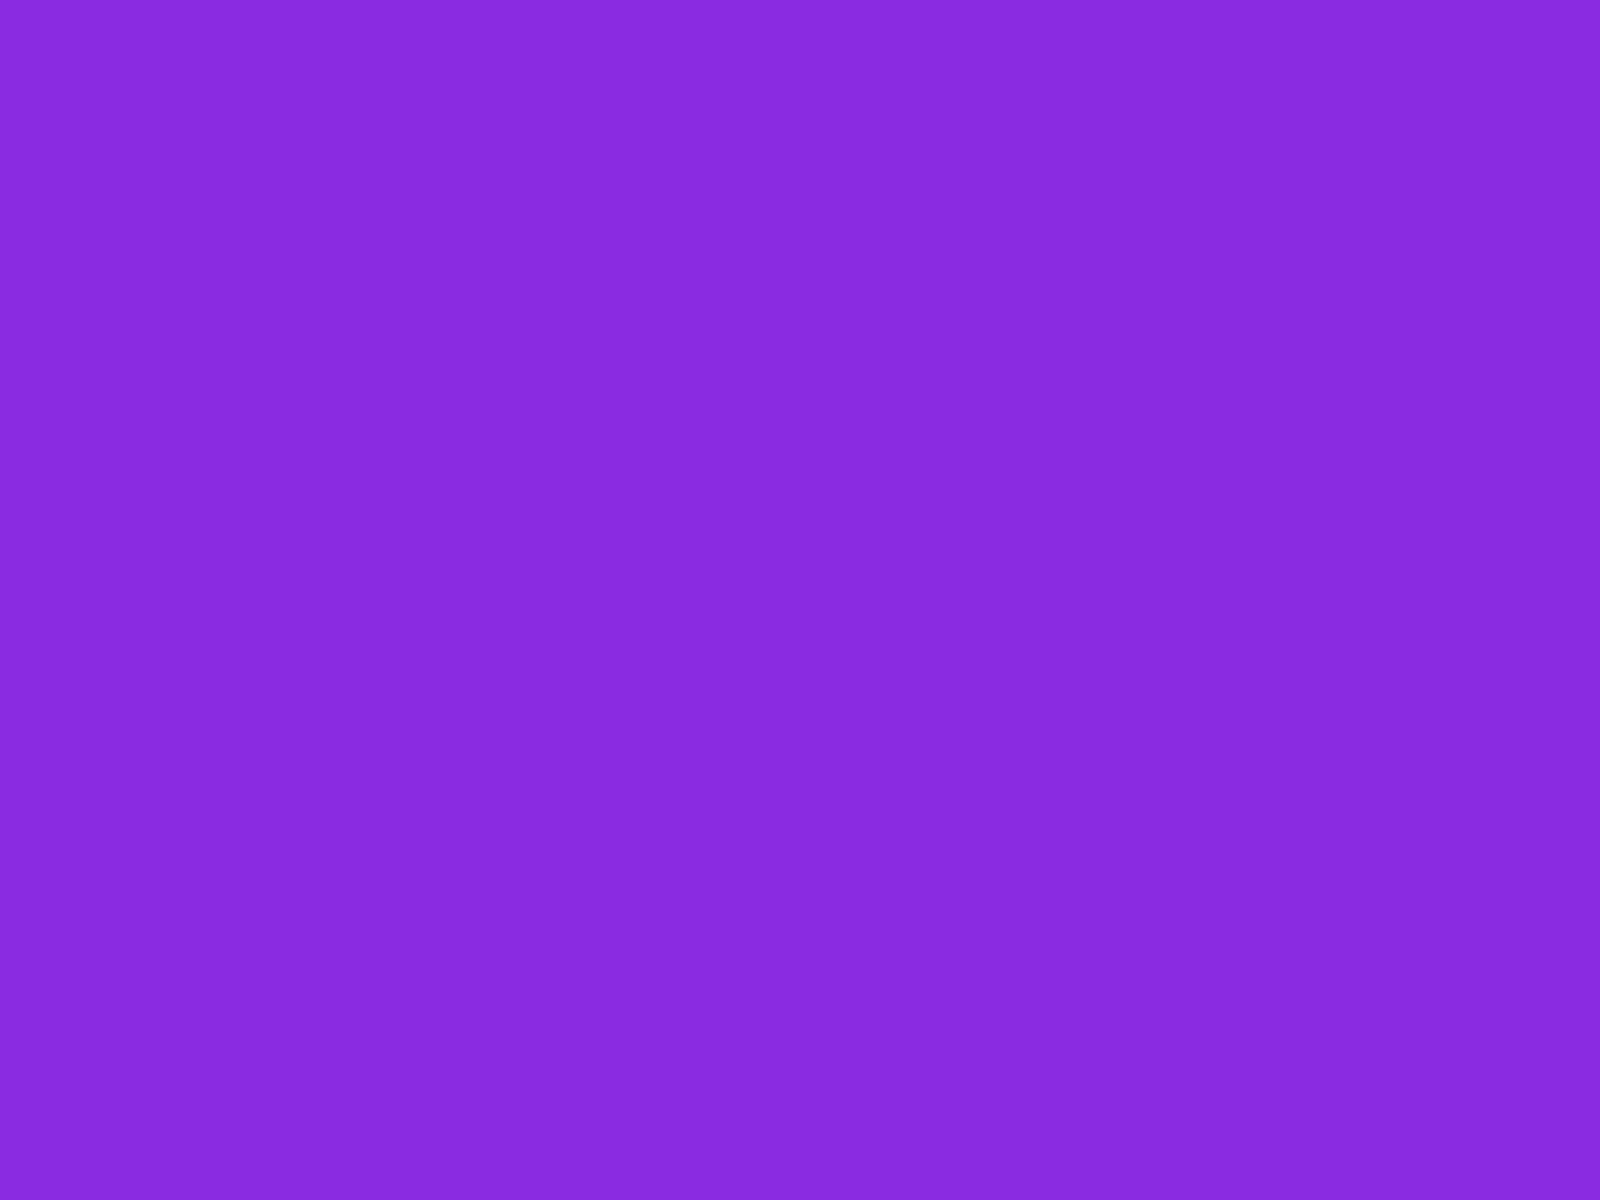 1600x1200 Blue-violet Solid Color Background